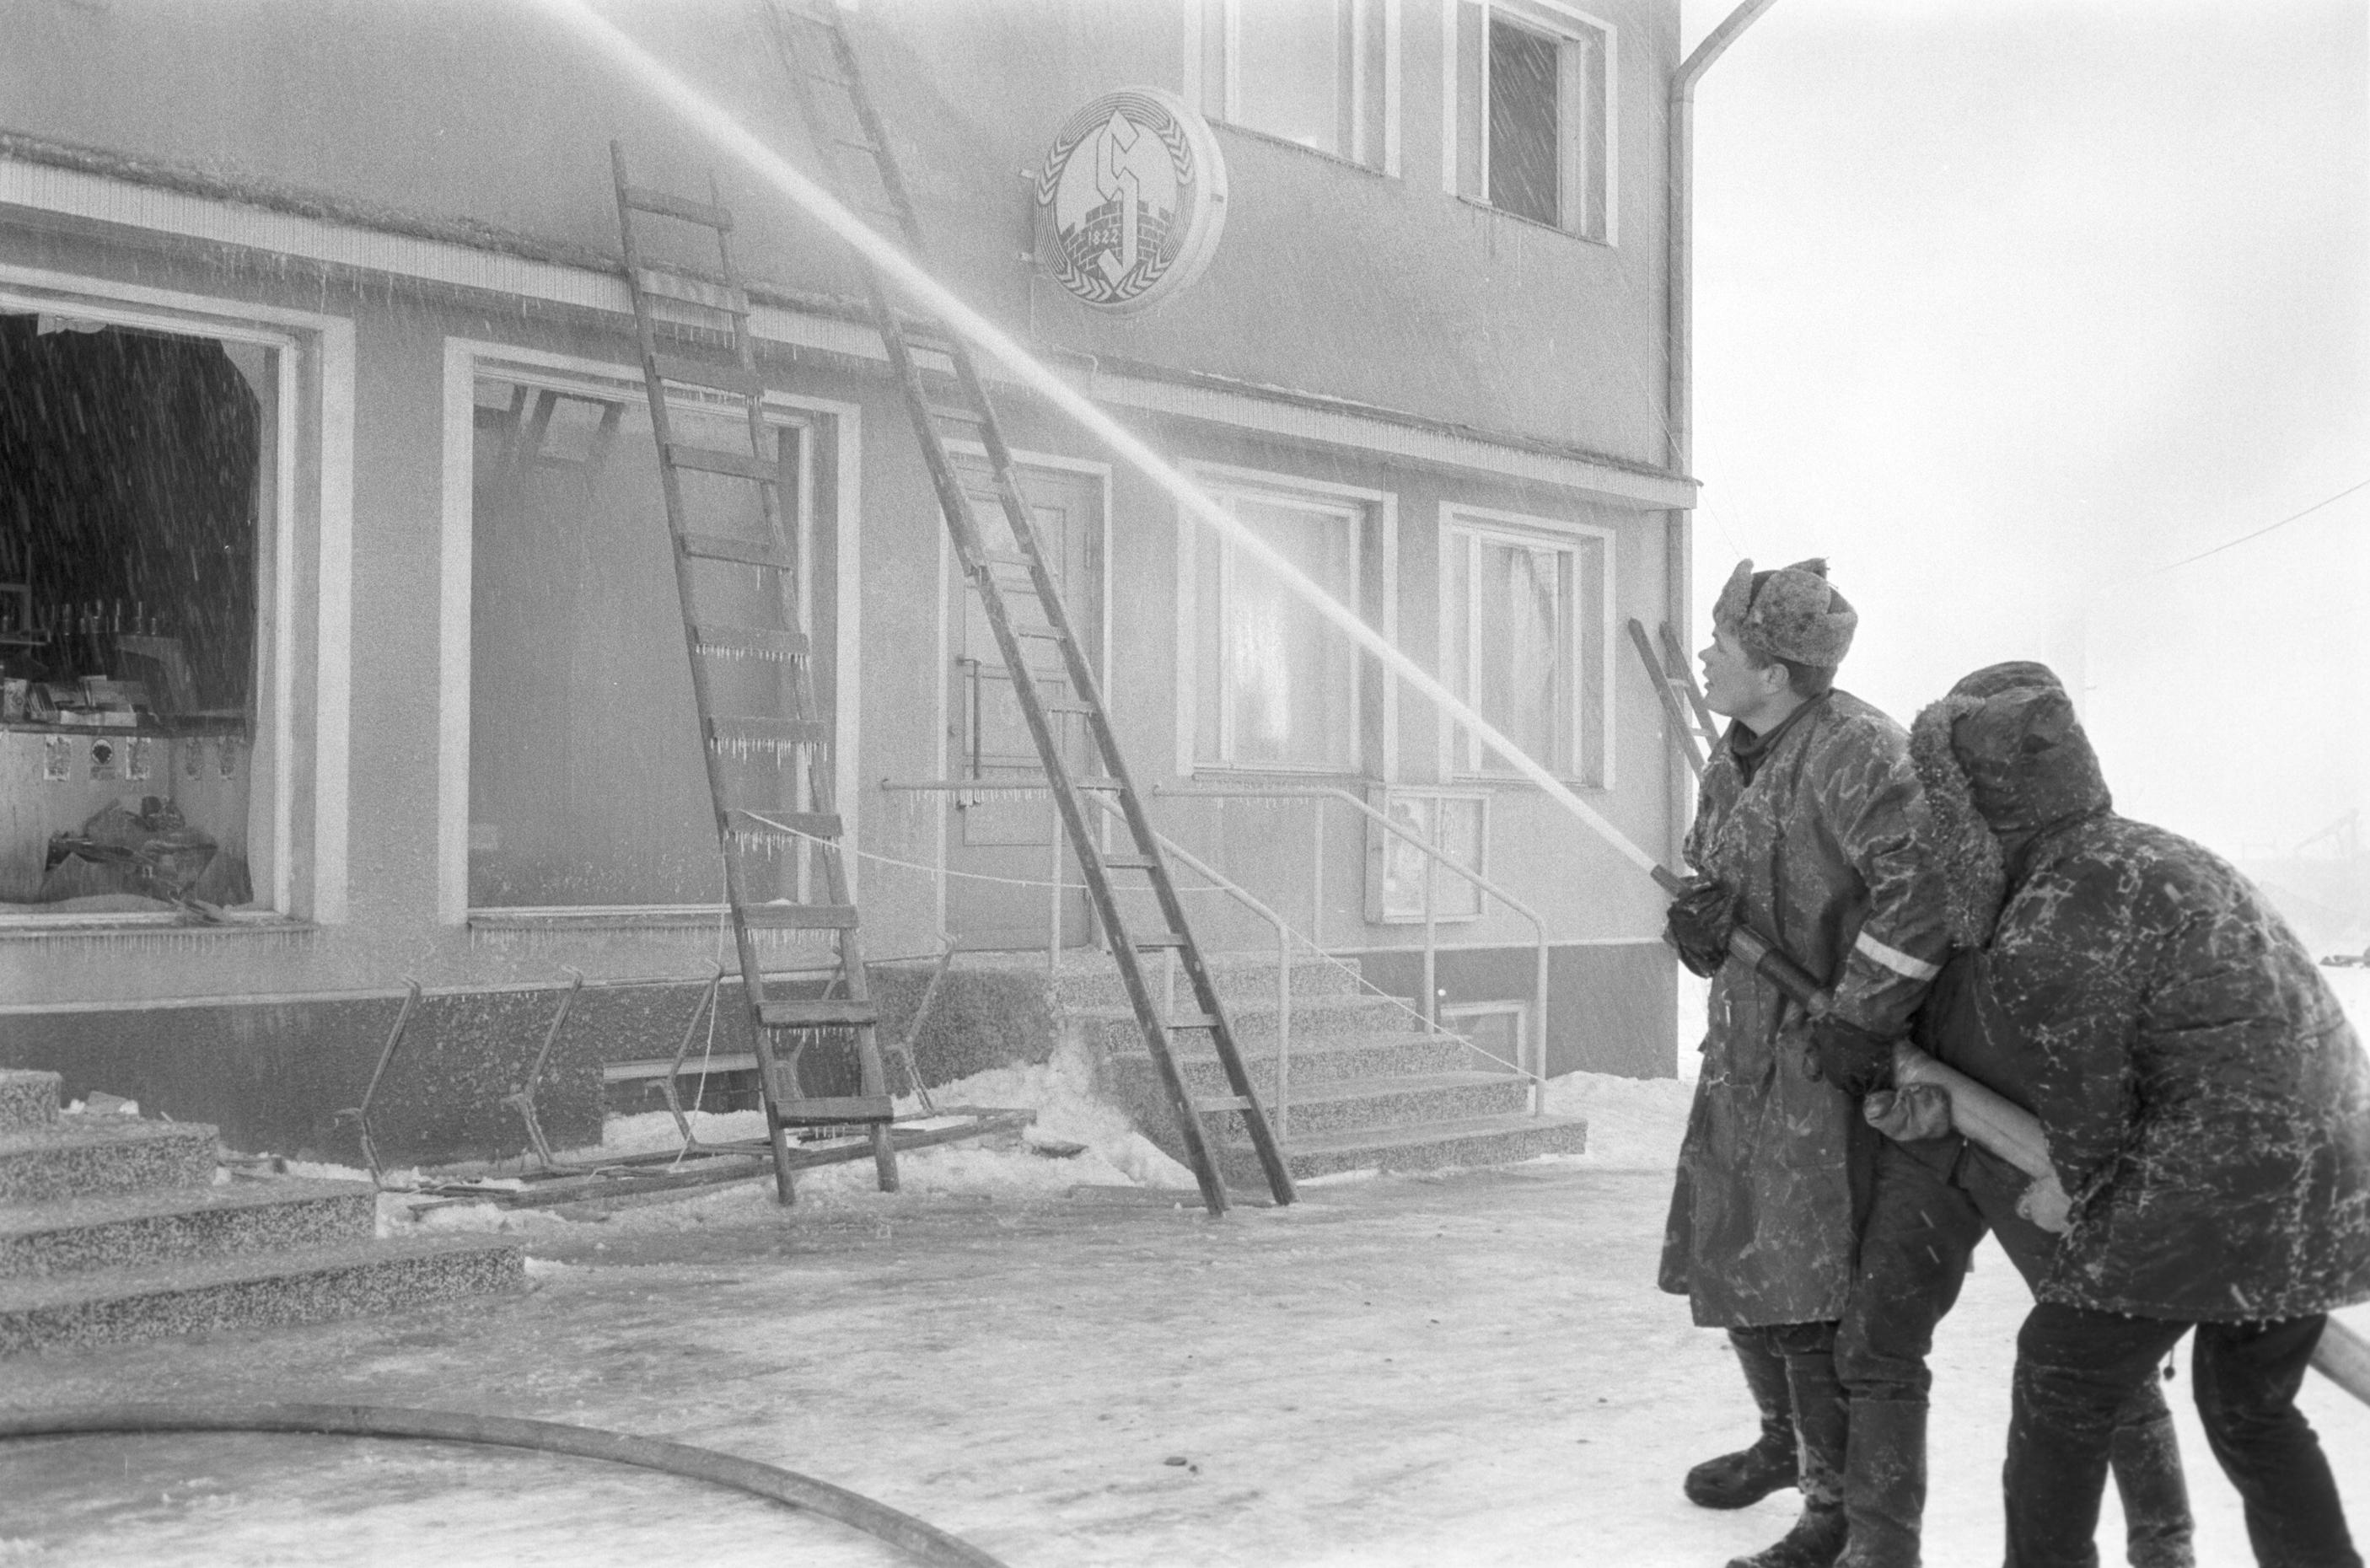 Brandkårssoldaterna från Lappfjärd hade ett svårt arbete att försöka släcka branden i den hårda kylan.